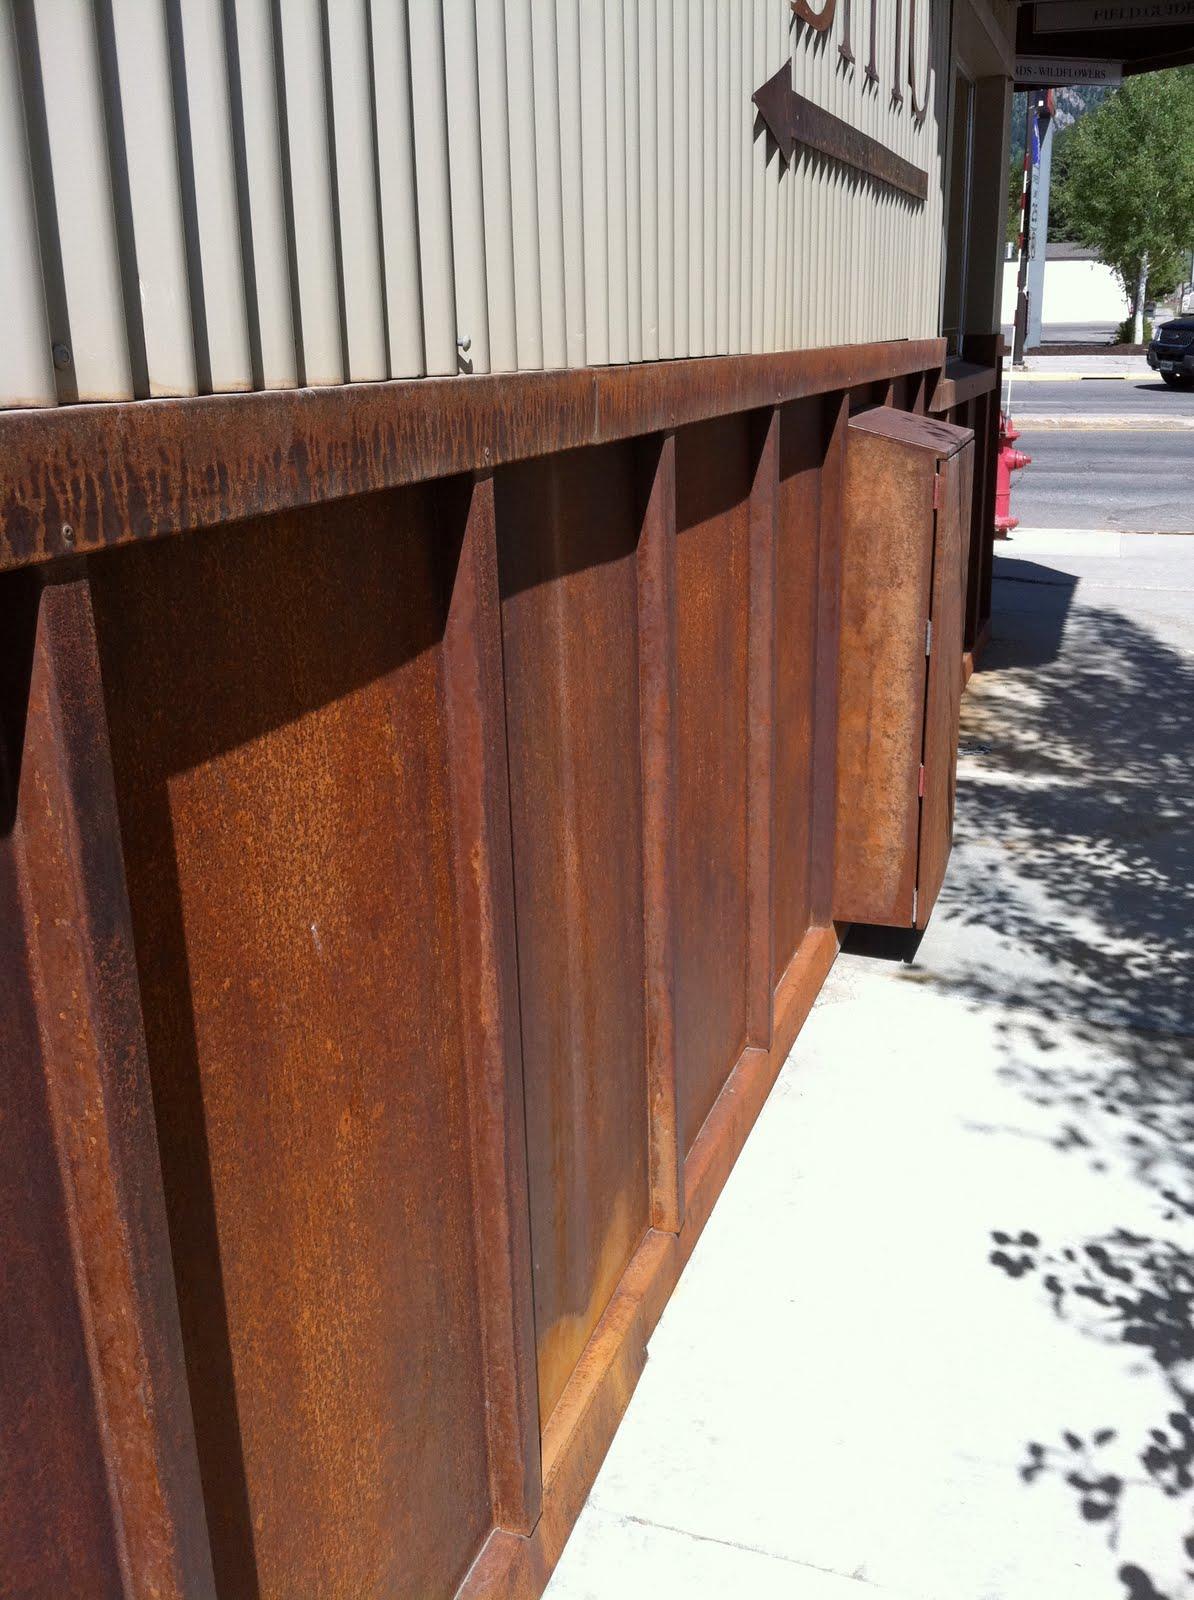 Design Dump Metal Wainscoting Awning